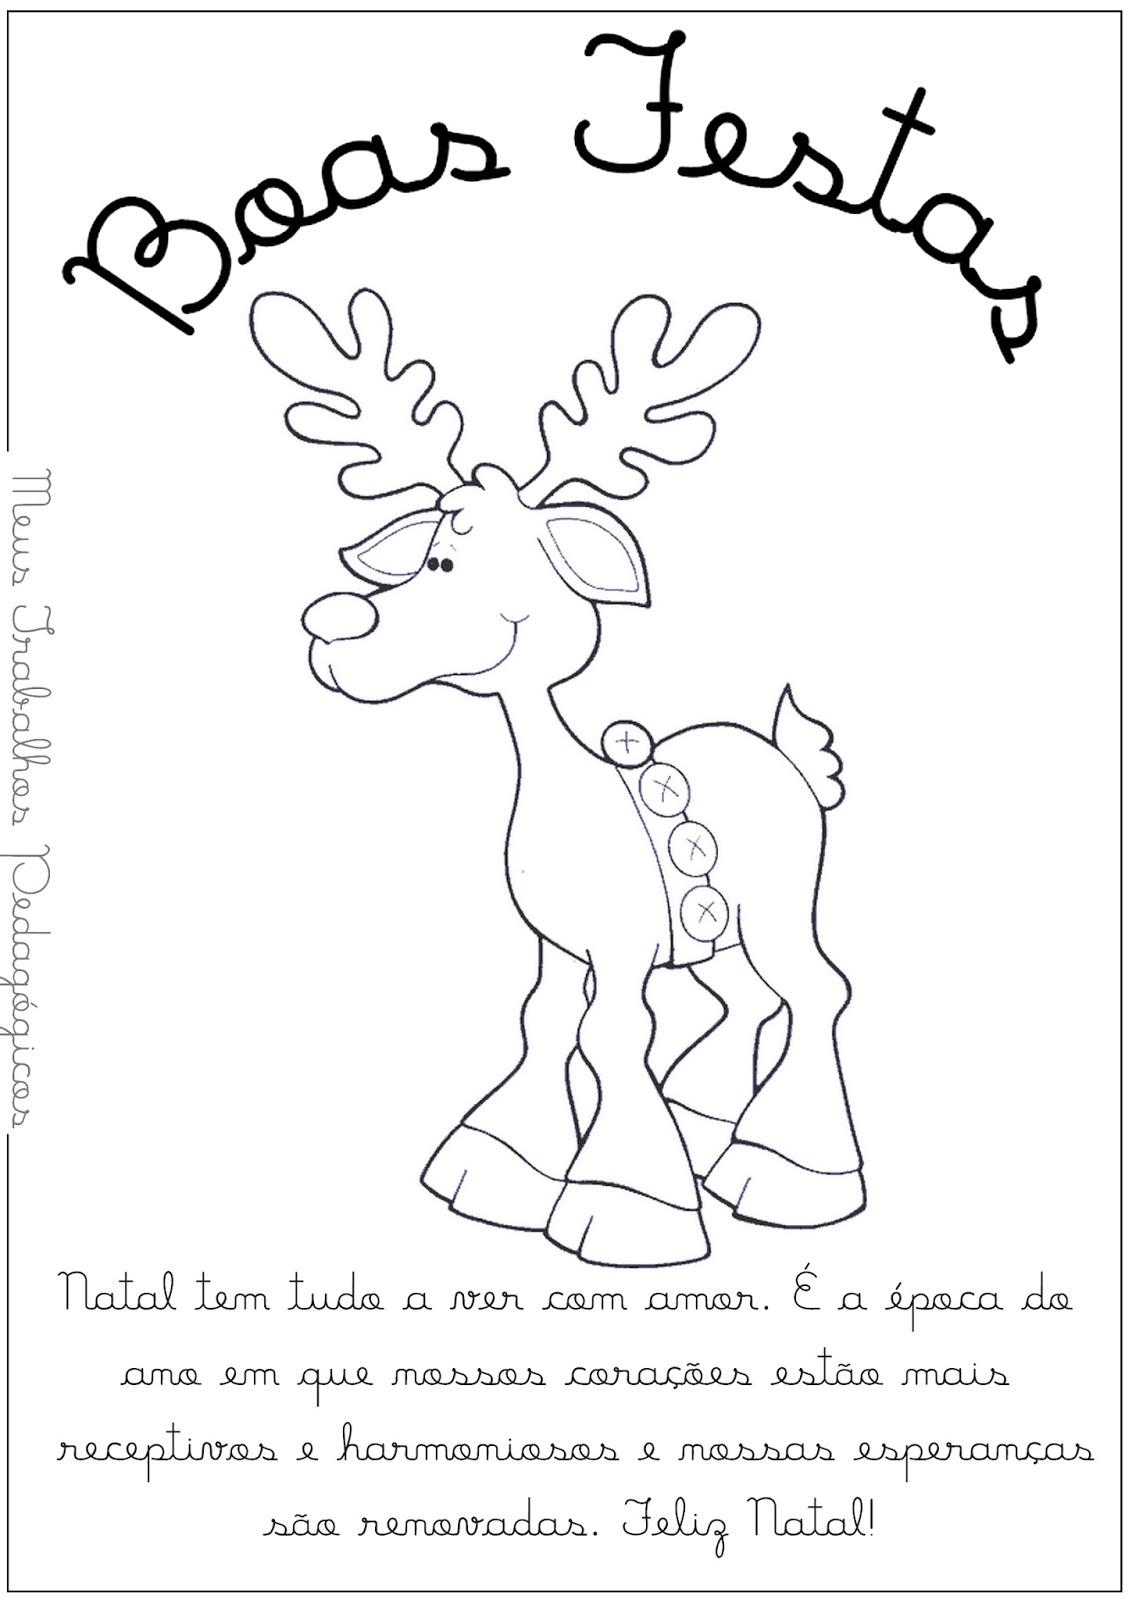 Atividades Para Baixar Desenhos Natal Com Frases Motivantes